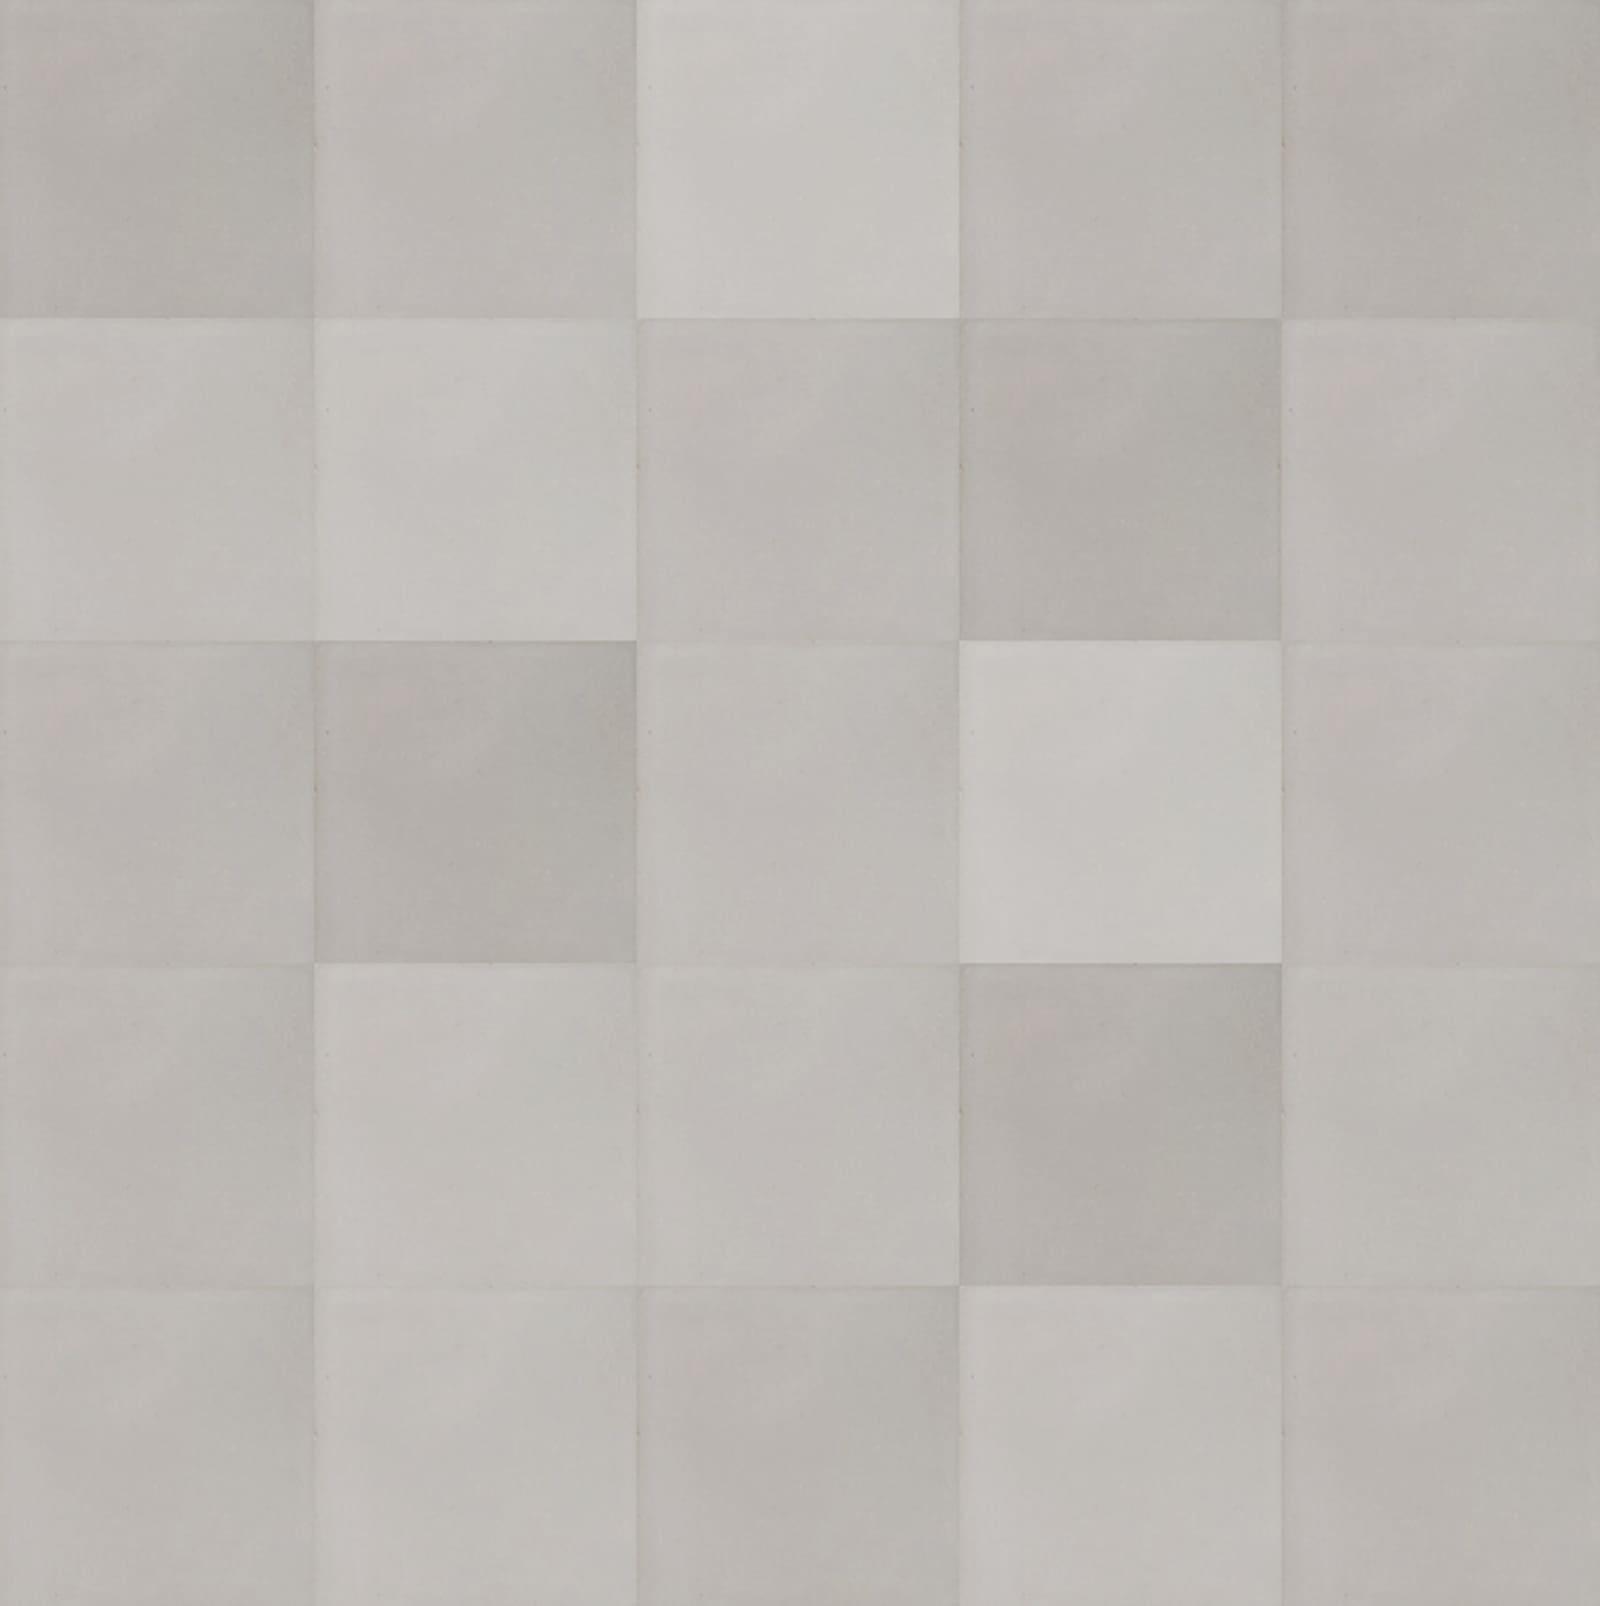 zementfliesen-terrazzofliesen-kreidefarbe-terrazzo-fugenlos-viaplatten-52-verlegemuster | 52